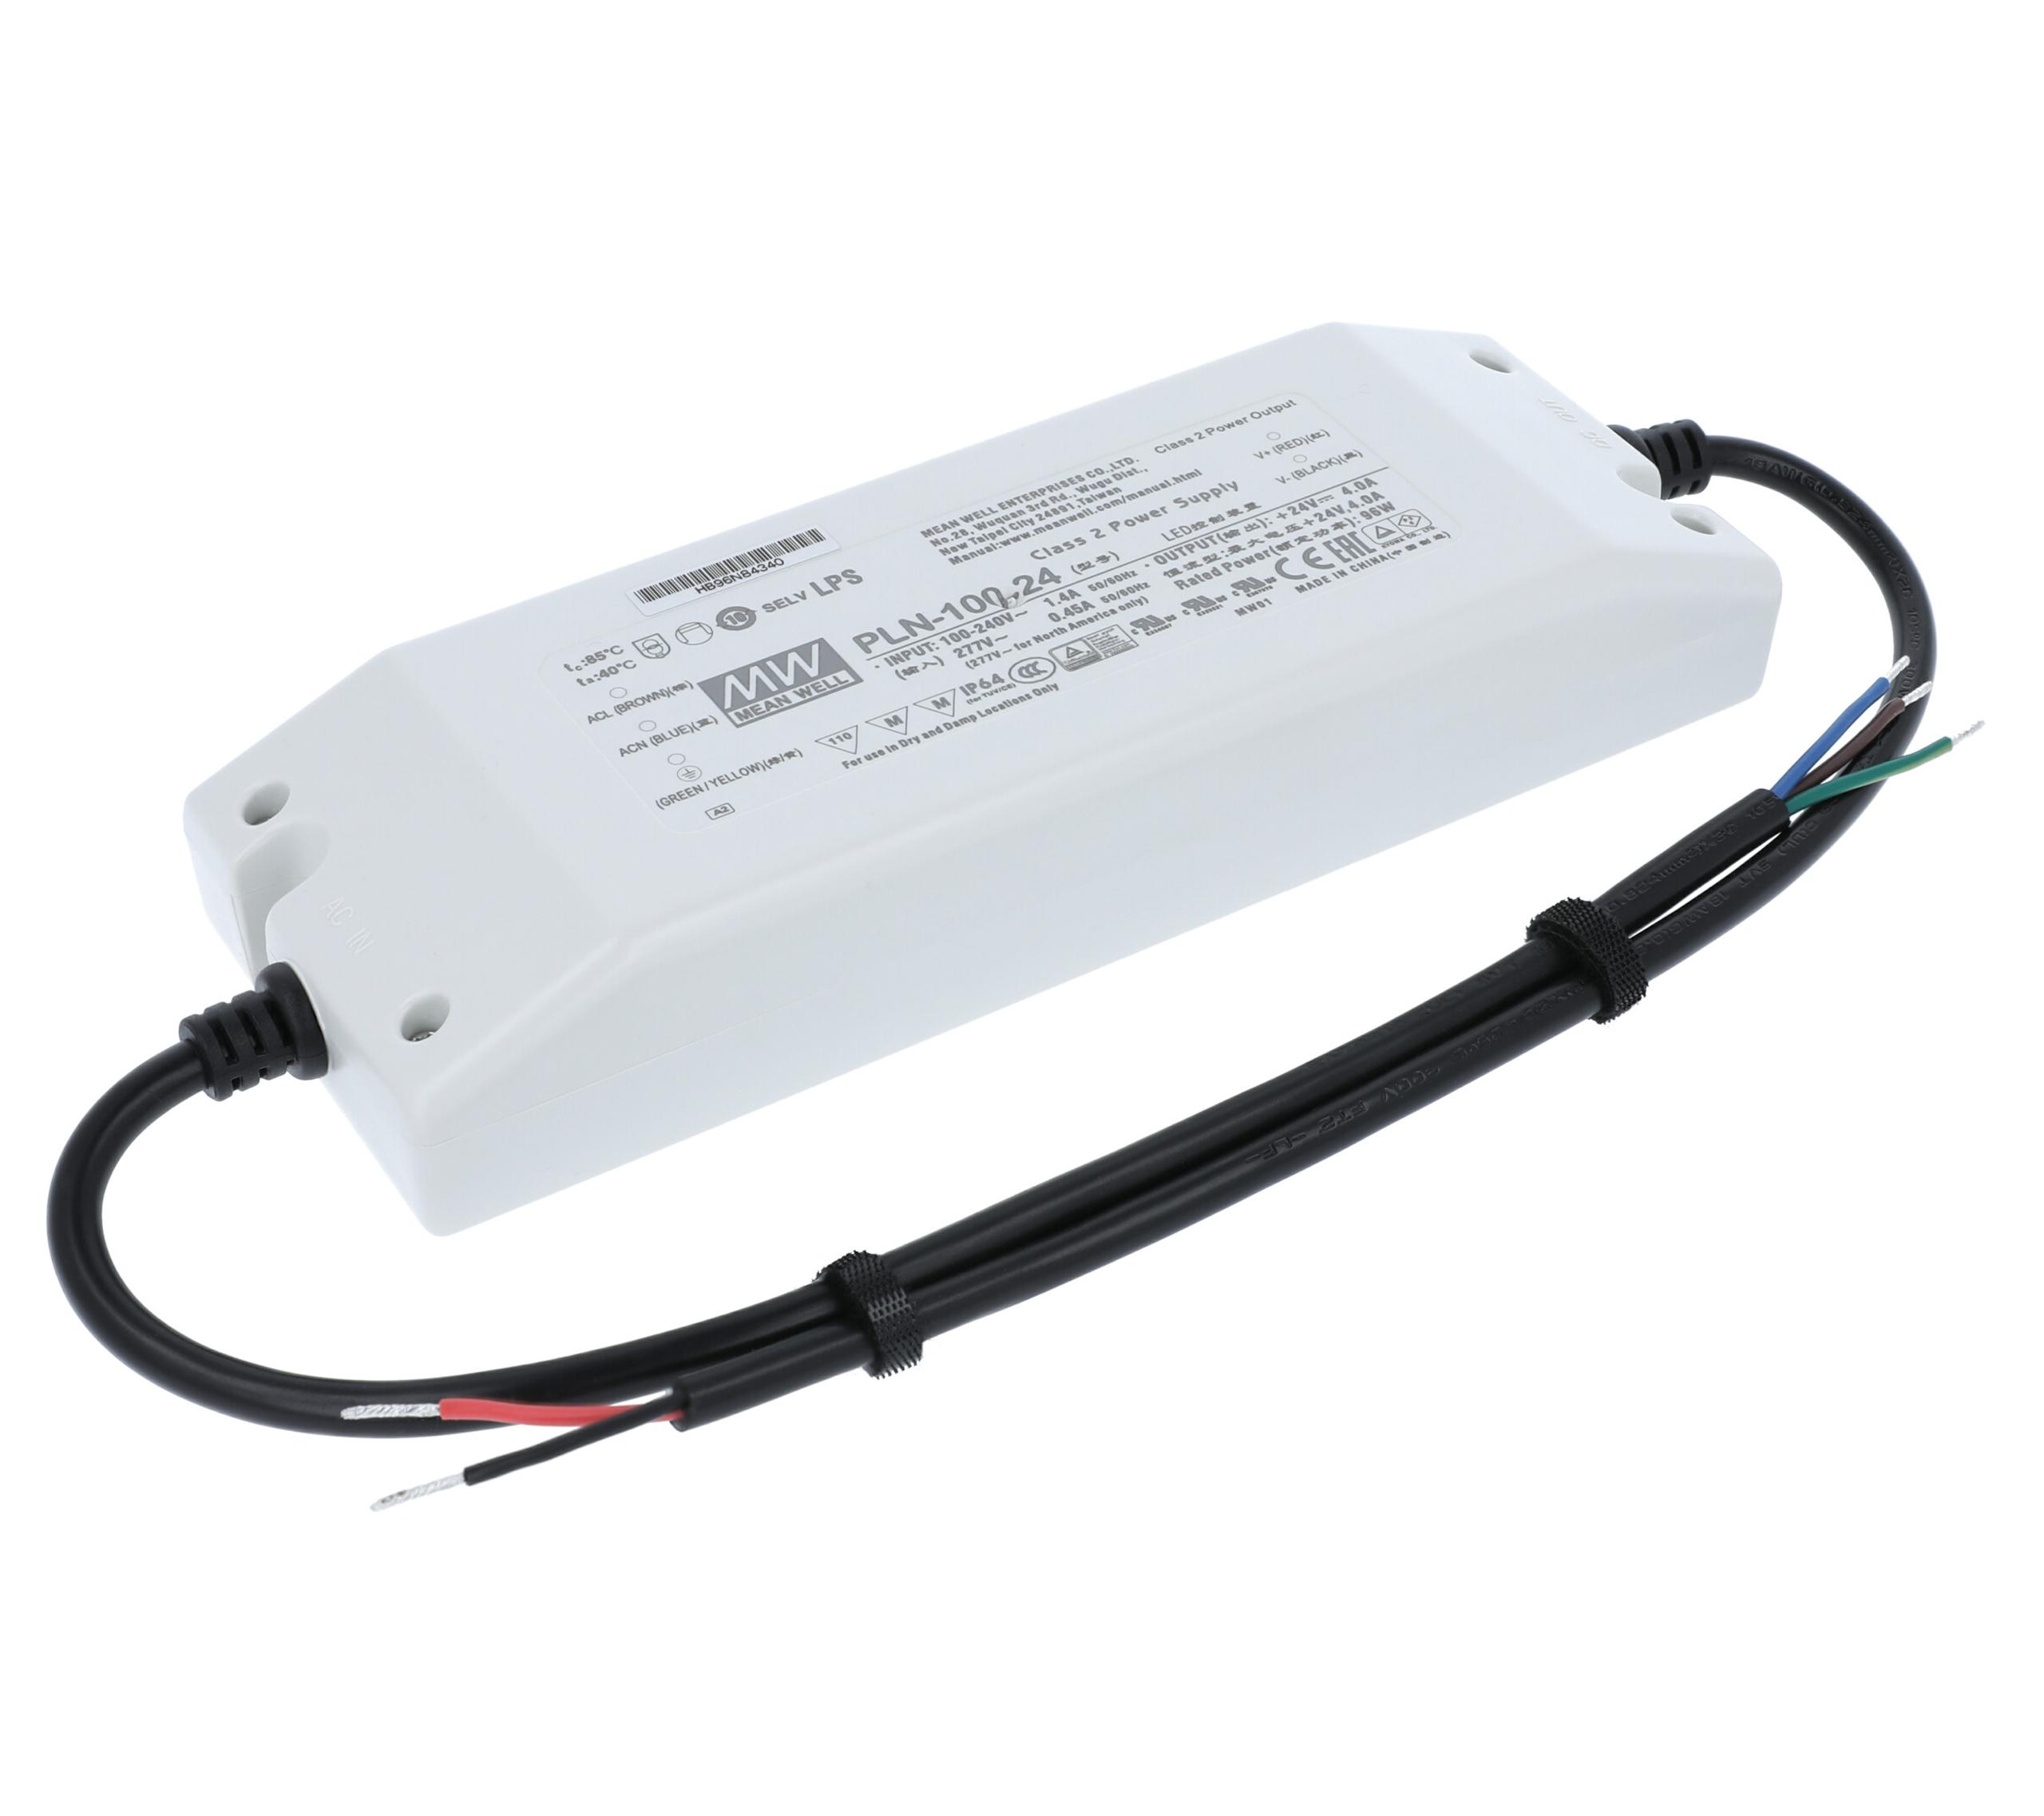 Netzteile LED Netzteil 24V 96W Mean Well PLN-100-24 Schaltnetzteil ...